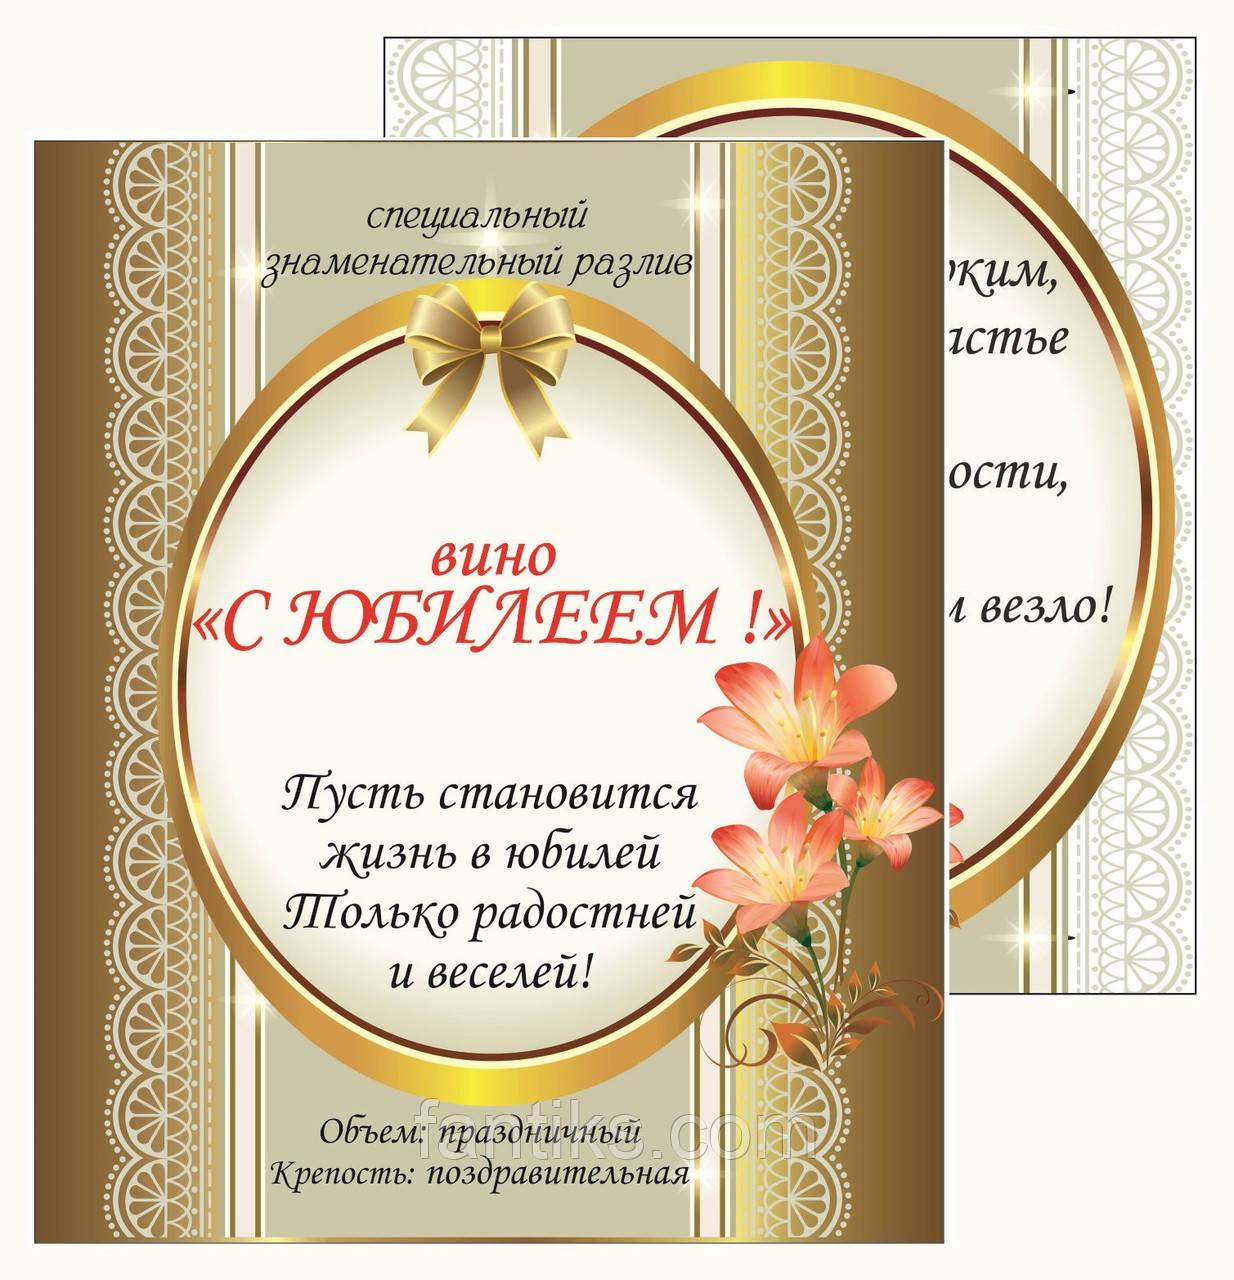 С юбилеем! - комплект наклеек на вино